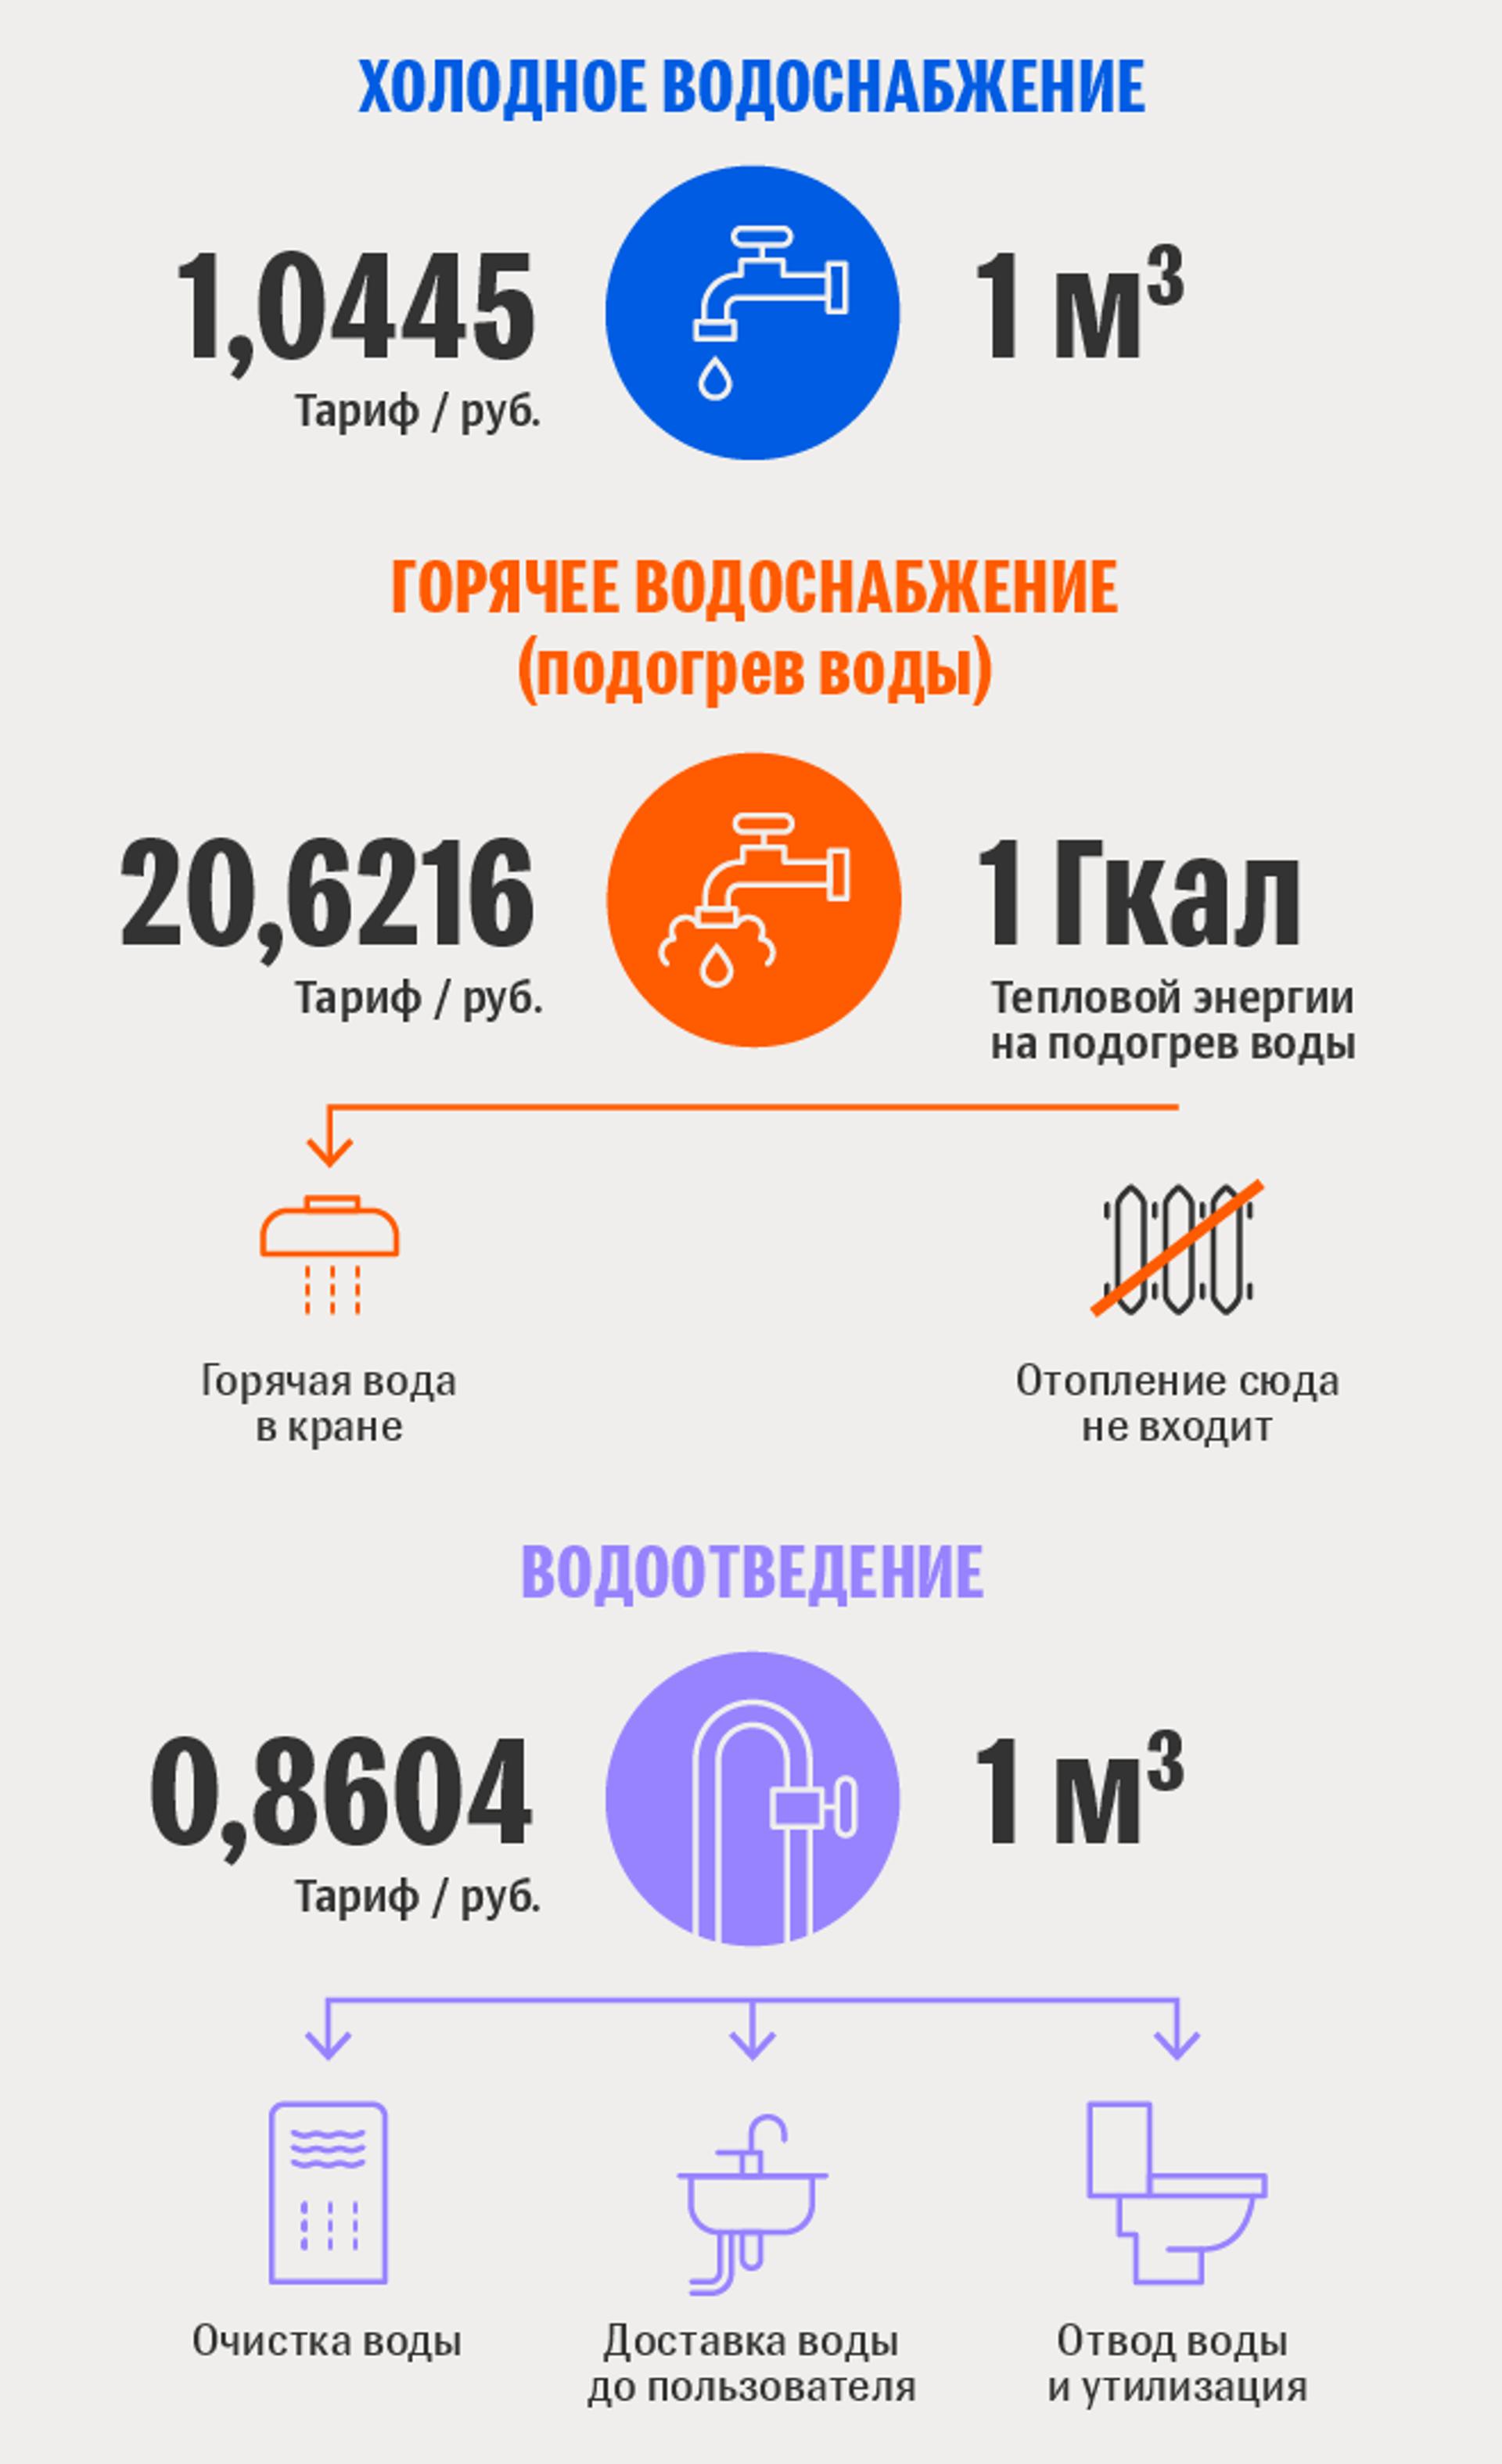 Тарифы белорусской жировки: холодное и горячее водоснабжение, водоотведение - Sputnik Беларусь, 1920, 29.06.2021